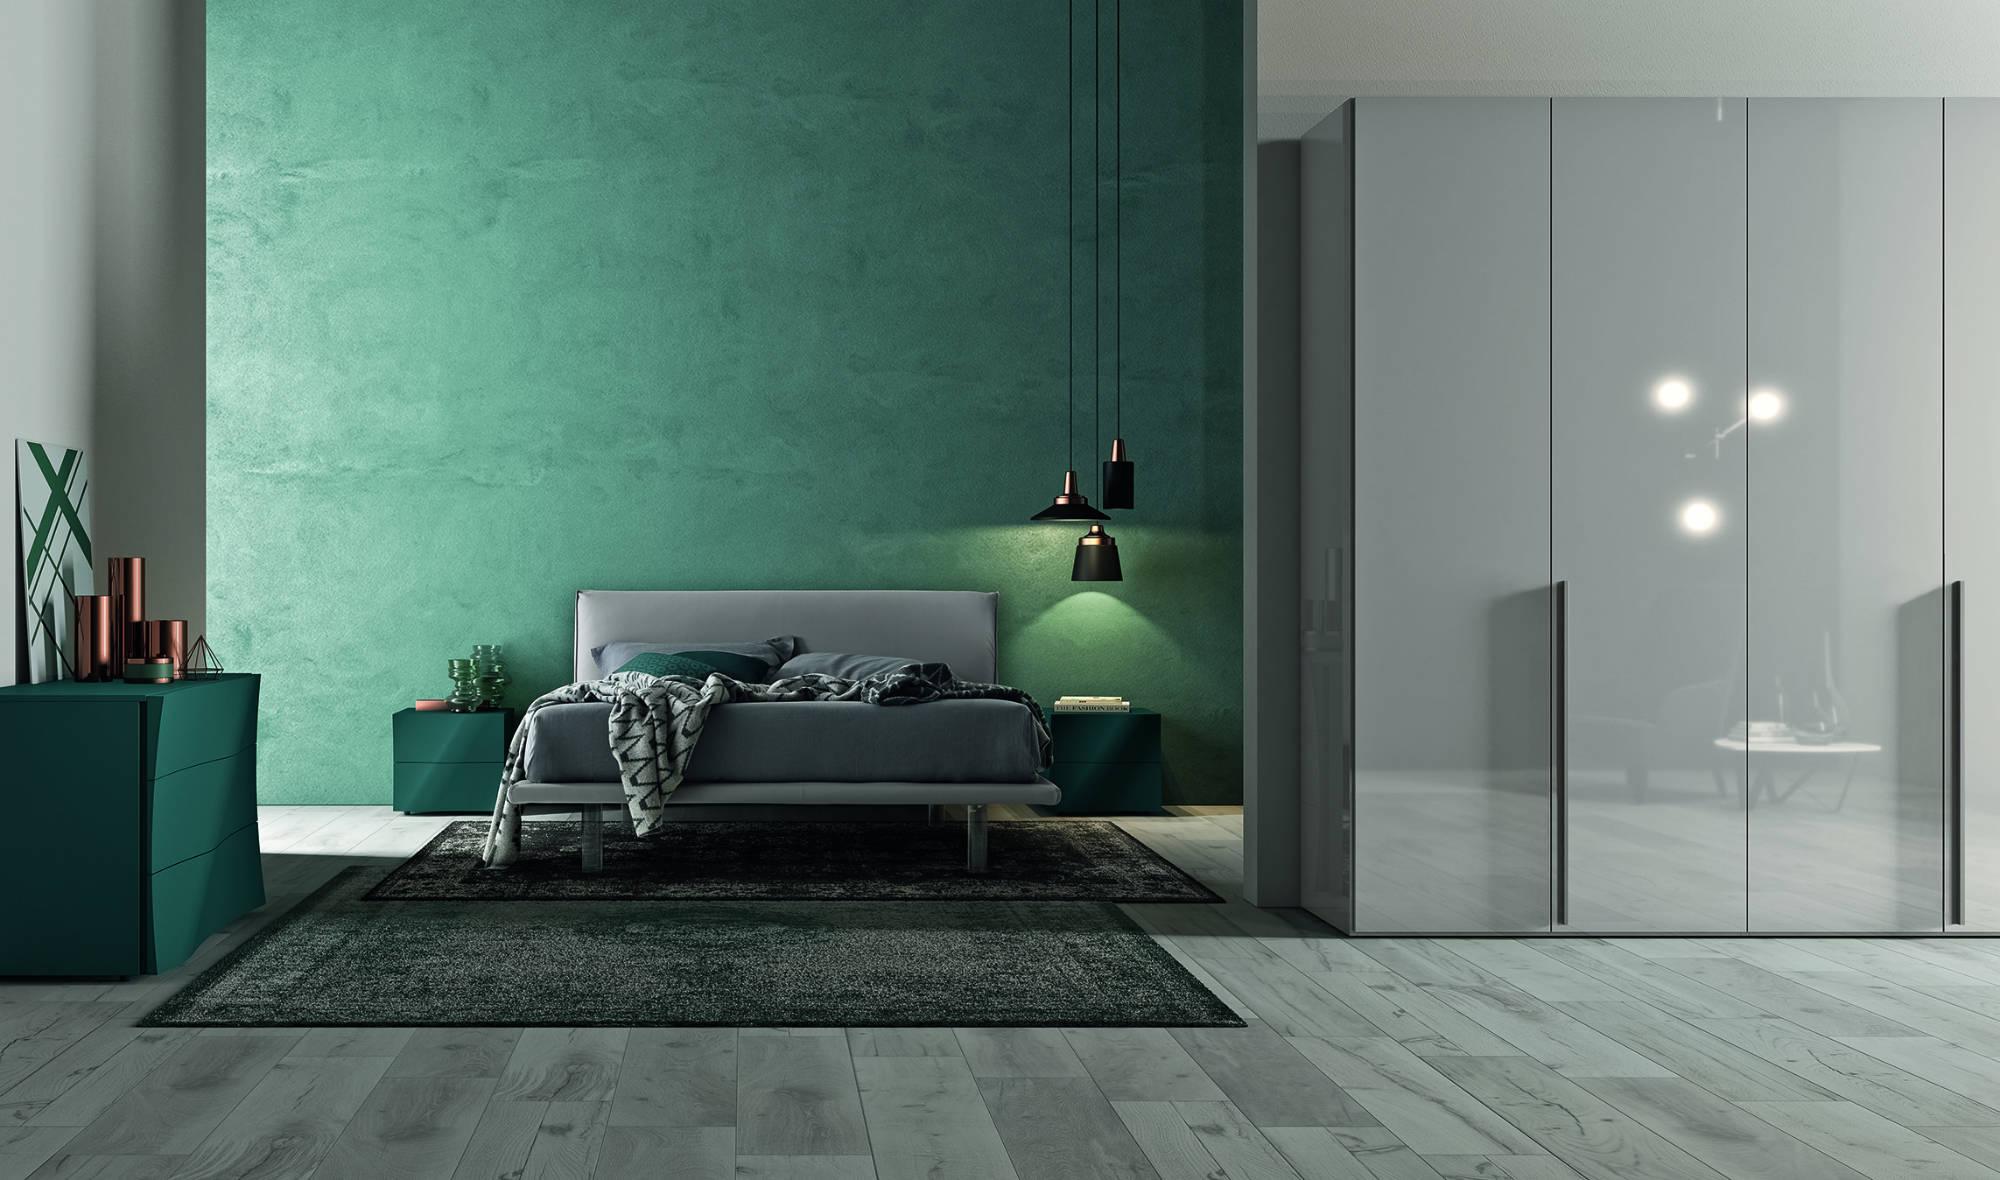 Camere da letto quarrata arredamenti michelozzi - Disposizione mobili camera da letto ...